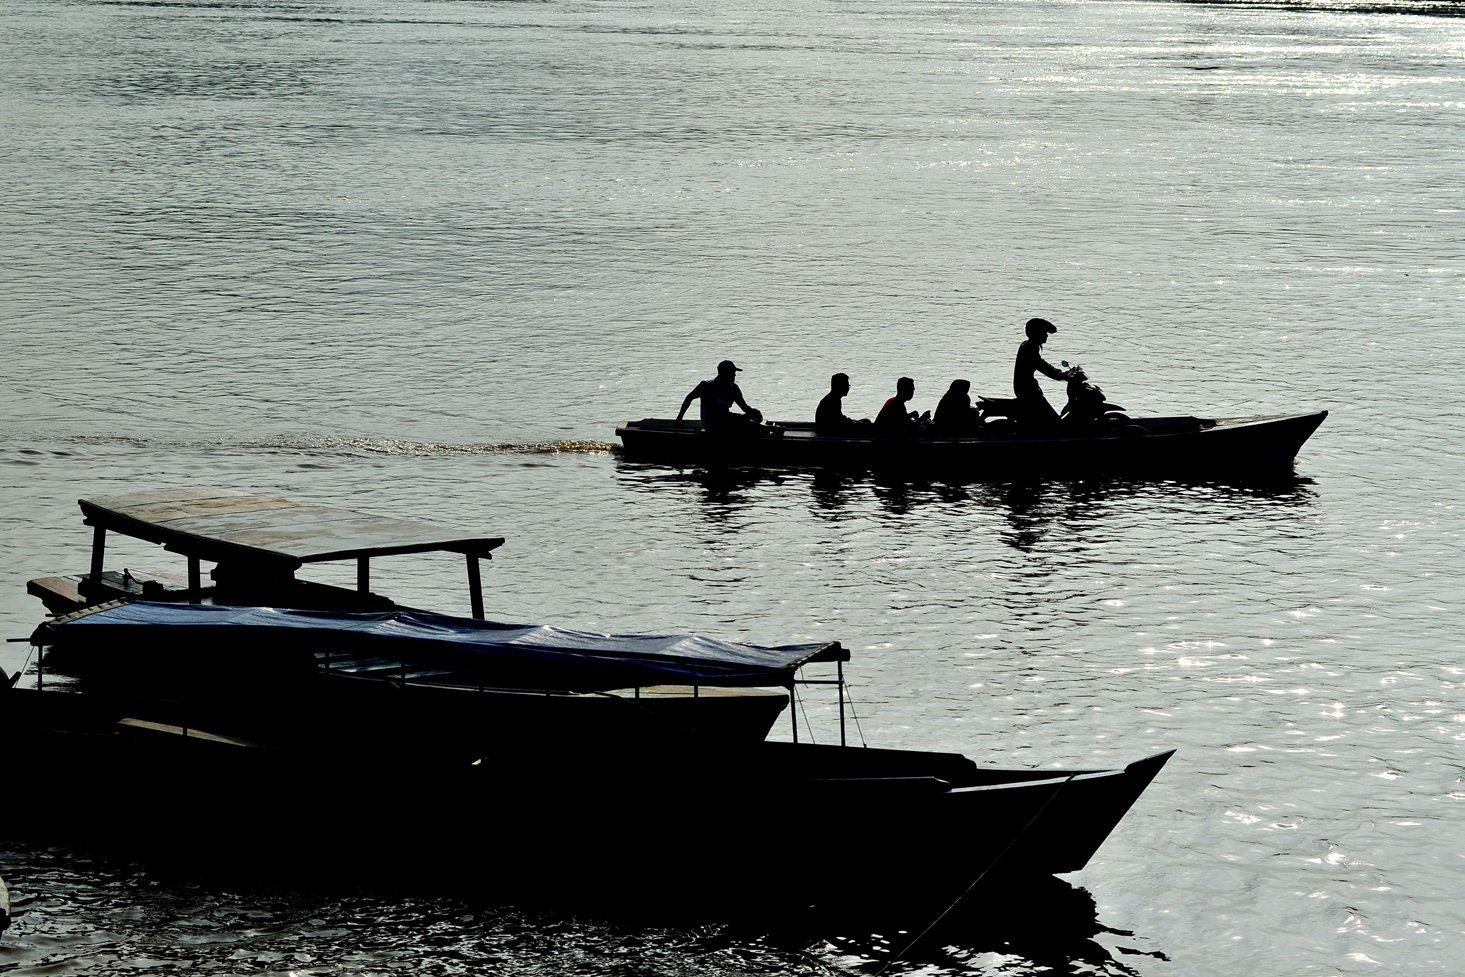 Warga menggunakan jasa perahu motor untuk menyeberangi Sungai Batanghari dari Seberang Kota Jambi menuju Kota Jambi, Jambi, Kamis (9/1/2020). Warga setempat biasa memanfaatkan jasa perahu penyeberangan orang dan sepeda motor melintasi Sungai Batanghari dari Kota Jambi menuju Seberang Kota Jambi dan sebaliknya dengan tarif mulai Rp3 ribu sampai Rp10 ribu untuk sekali menyeberang.